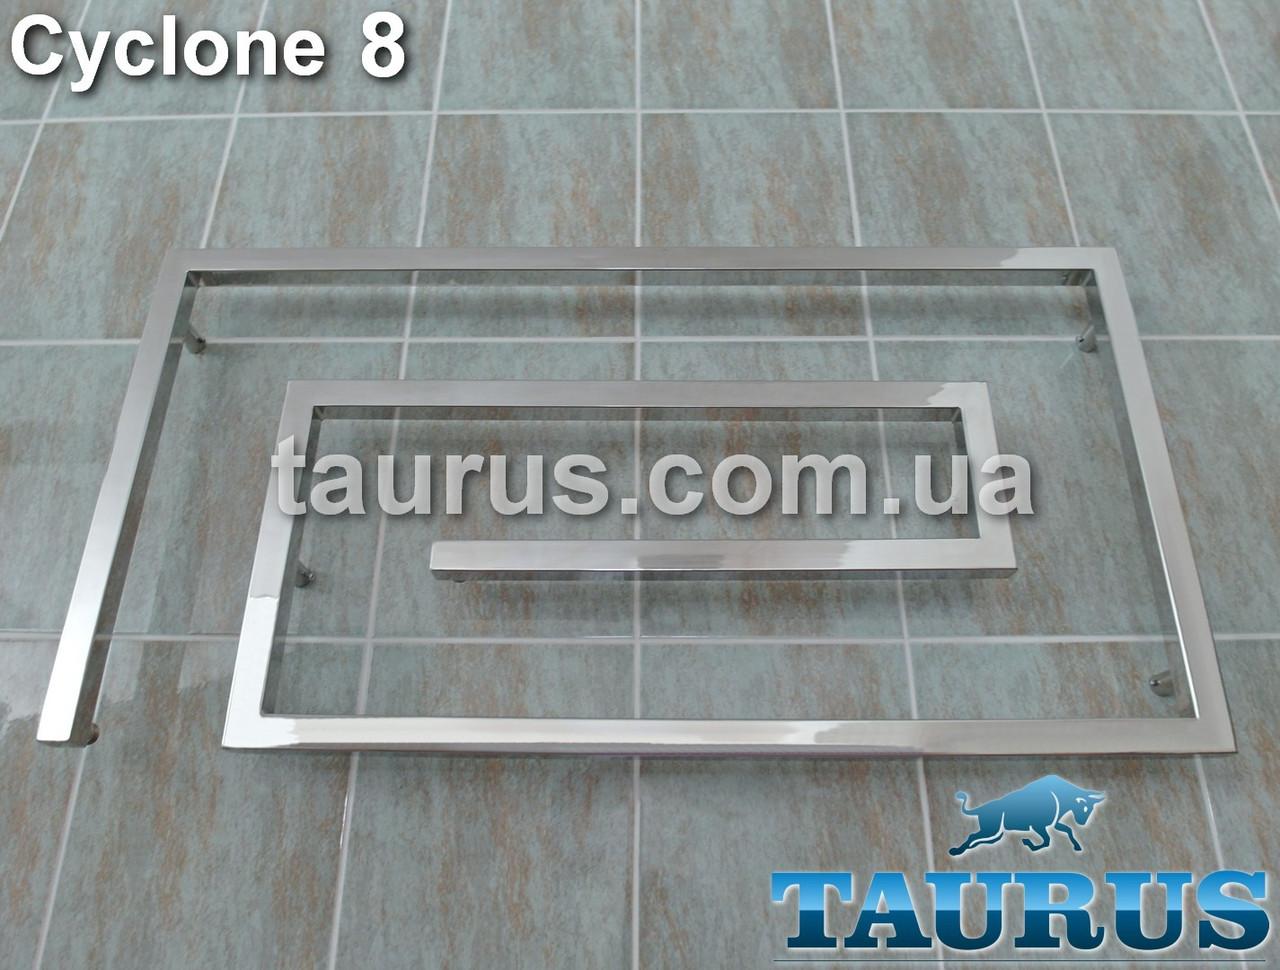 Широкий, стильный дизайн-полотенцесушитель Cyclone 8 /510х1100 от TAURUS. Квадратные трубы 30х30